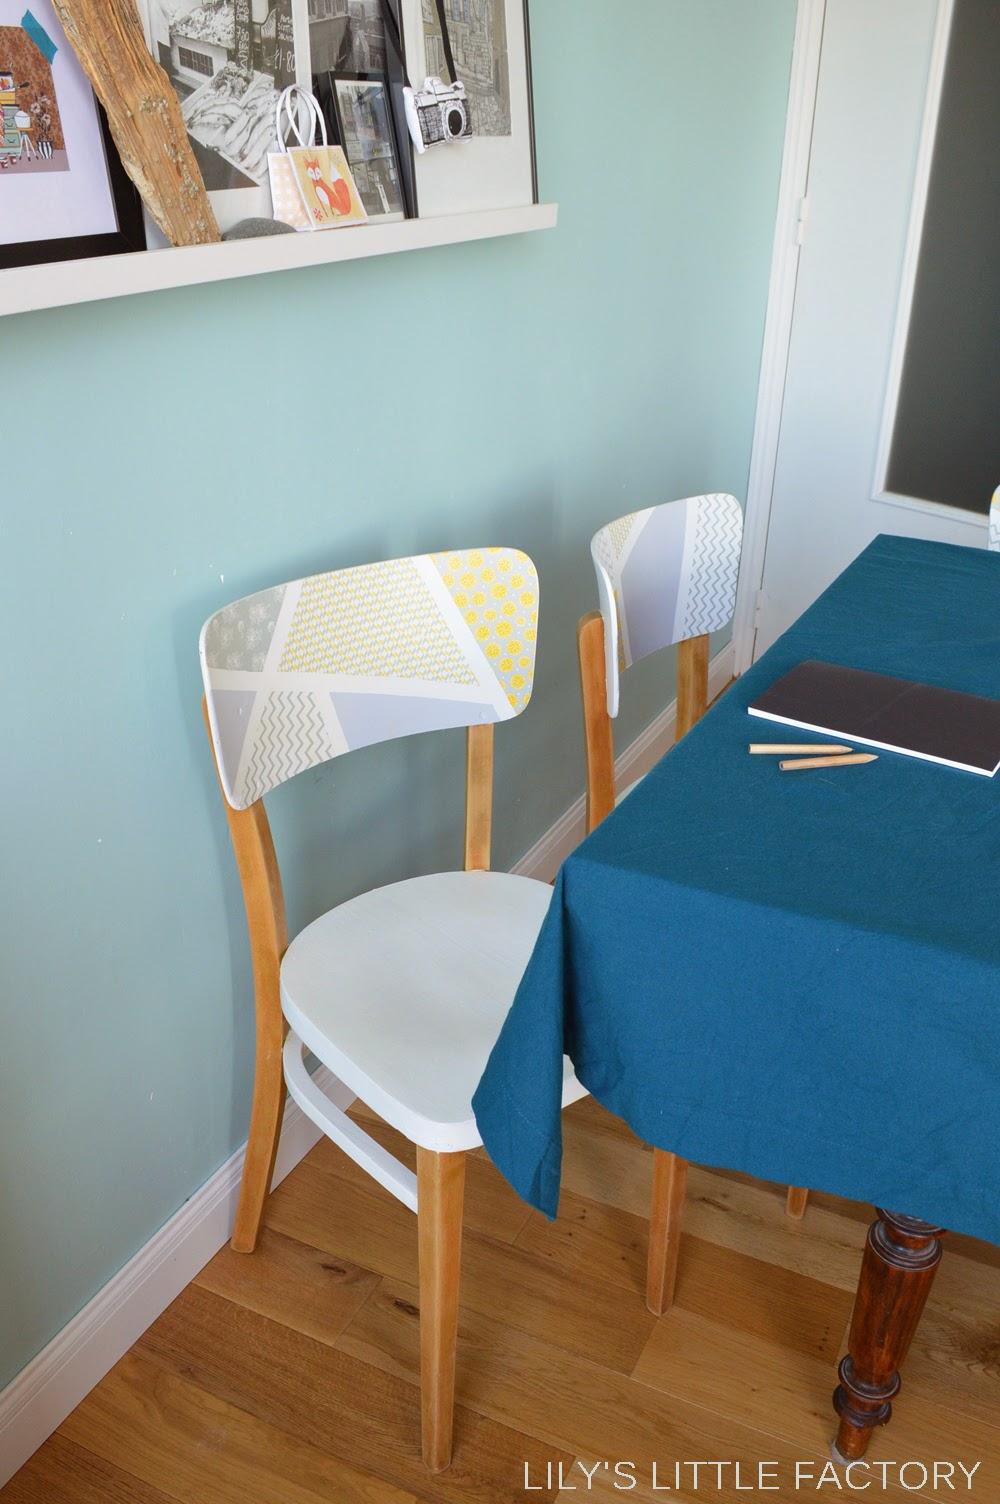 Peindre Des Chaises Dedans Un Relooking Extrême Du0027anciennes Chaises En Bois  | Lilyu0027s Little